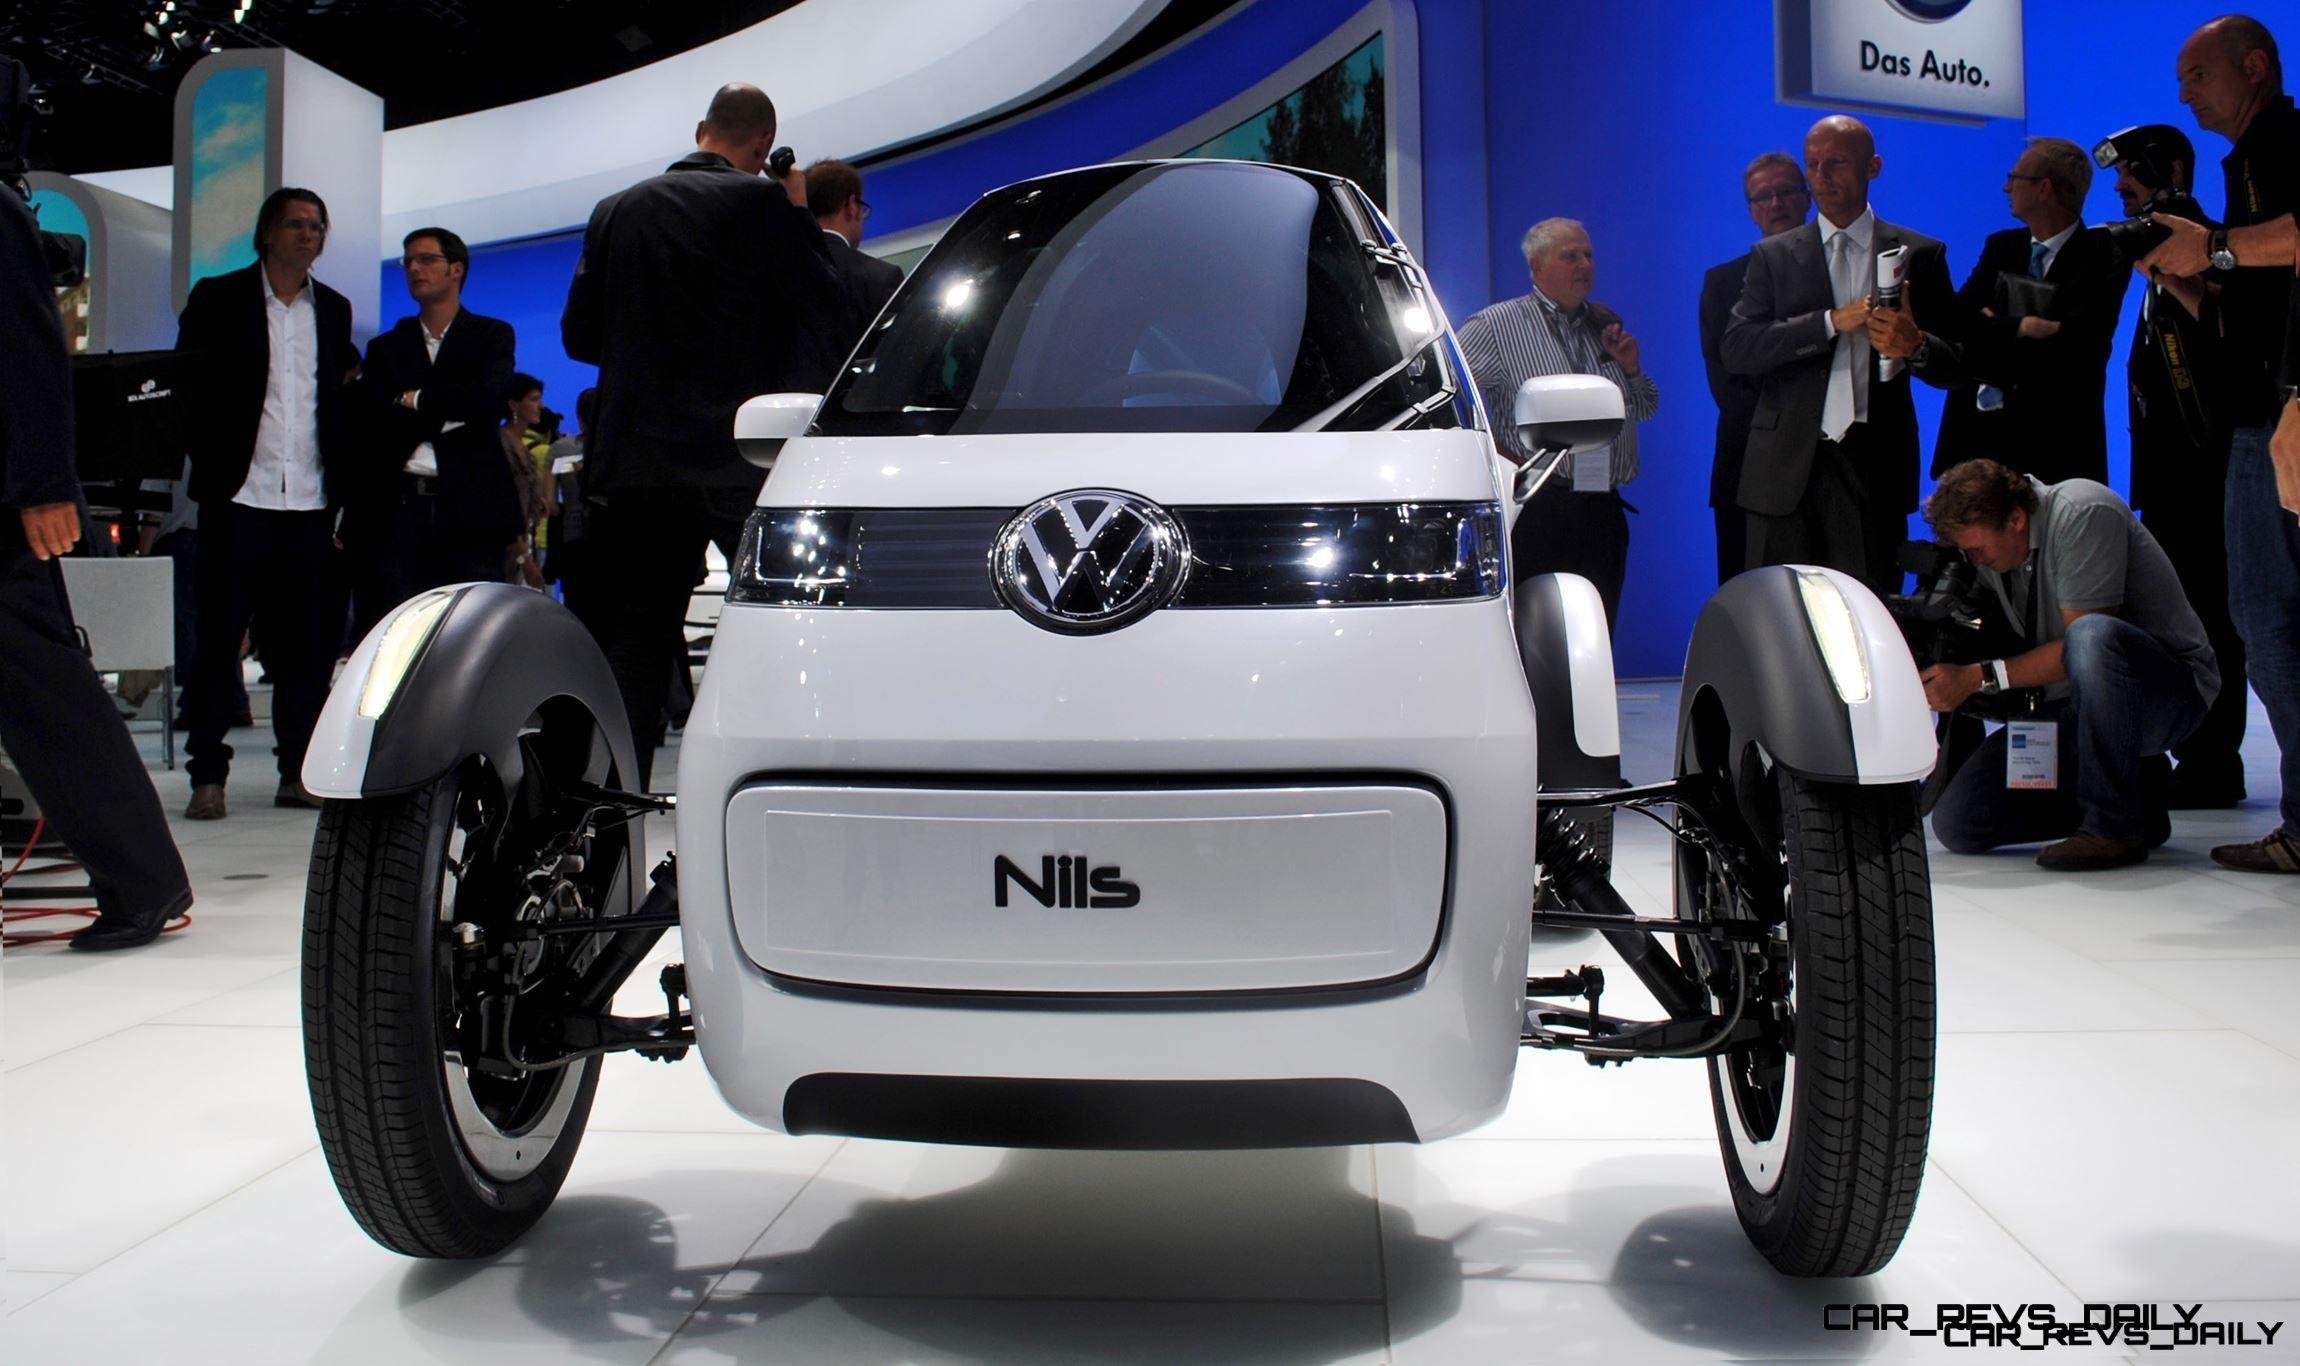 2011 Volkswagen NILS 20